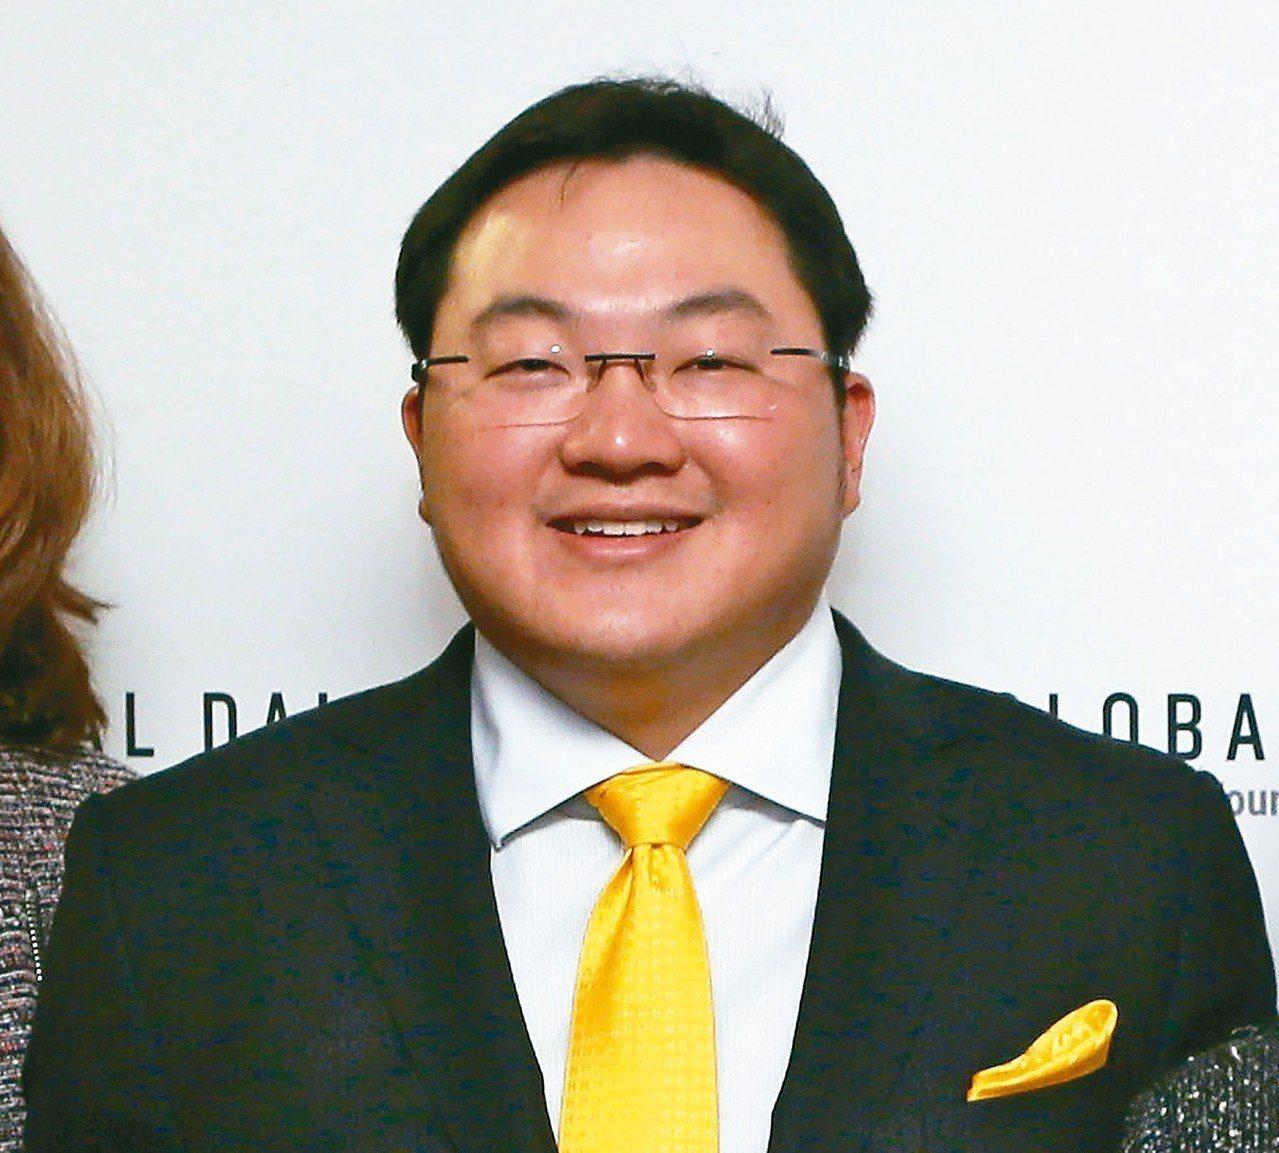 馬來西亞富商劉德祖等人1日被美司法部起訴。 美聯社